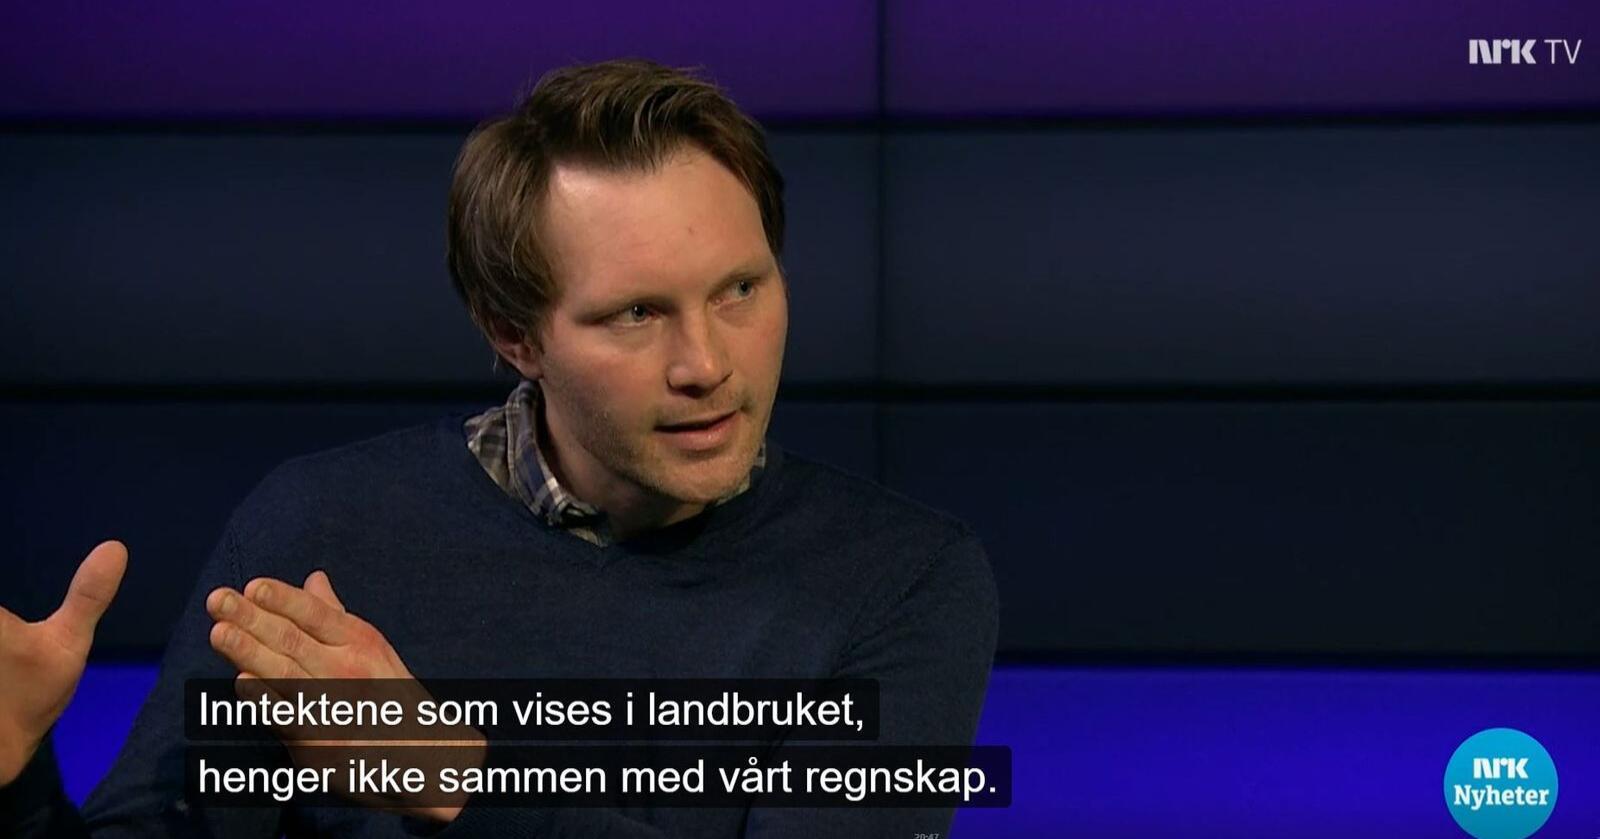 """""""Hvis vi bønder hadde tjent så godt som tala viser, trur du virkelig to bruk hadde lagt ned hver dag?"""" spurte Ola Lie Berthling retorisk i Debatten på NRK. Foto: Skjermdump fra NRK Debatten"""